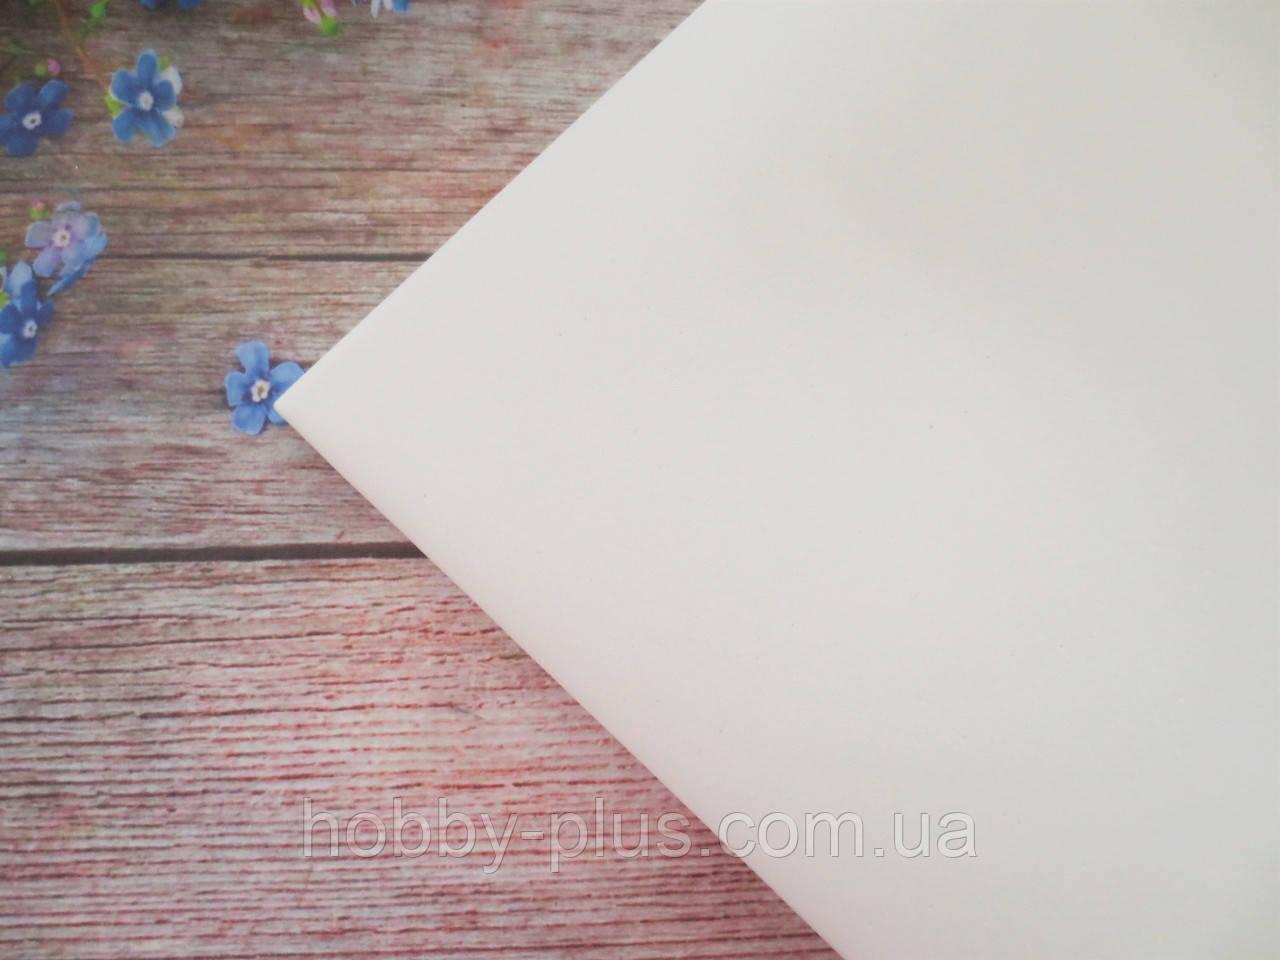 Фоамиран 1 мм, 50х50 см, колір білий